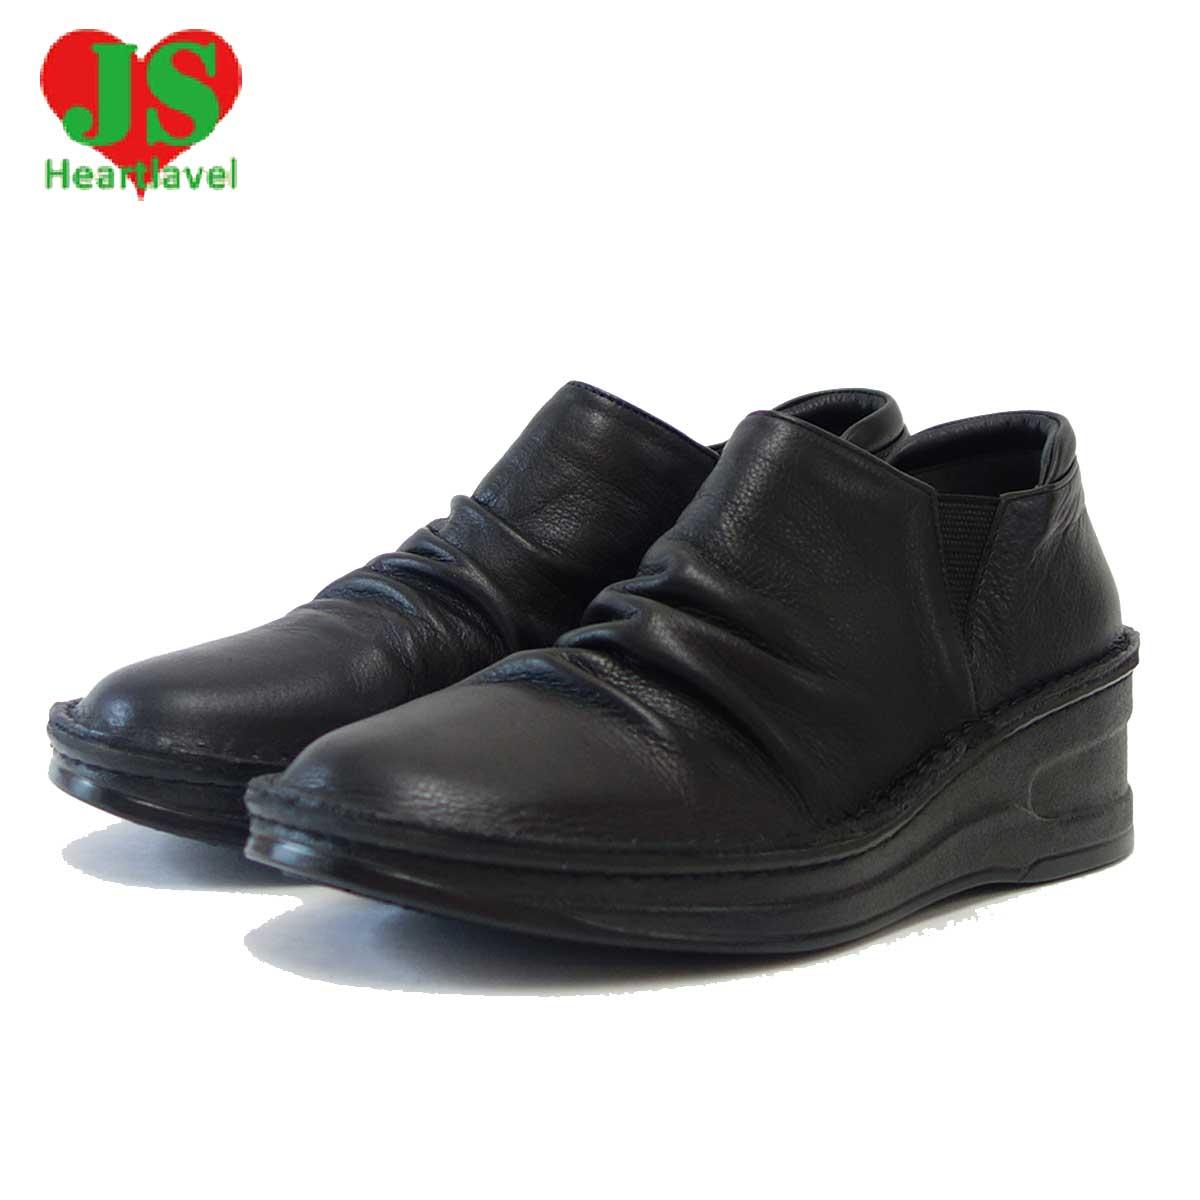 ジェイエス ハートラベル JS Heartlavel 85 ブラック(レディース)日本製 ゆったりEEEの楽ちんシューズ「靴」 母の日 おすすめ ギフト